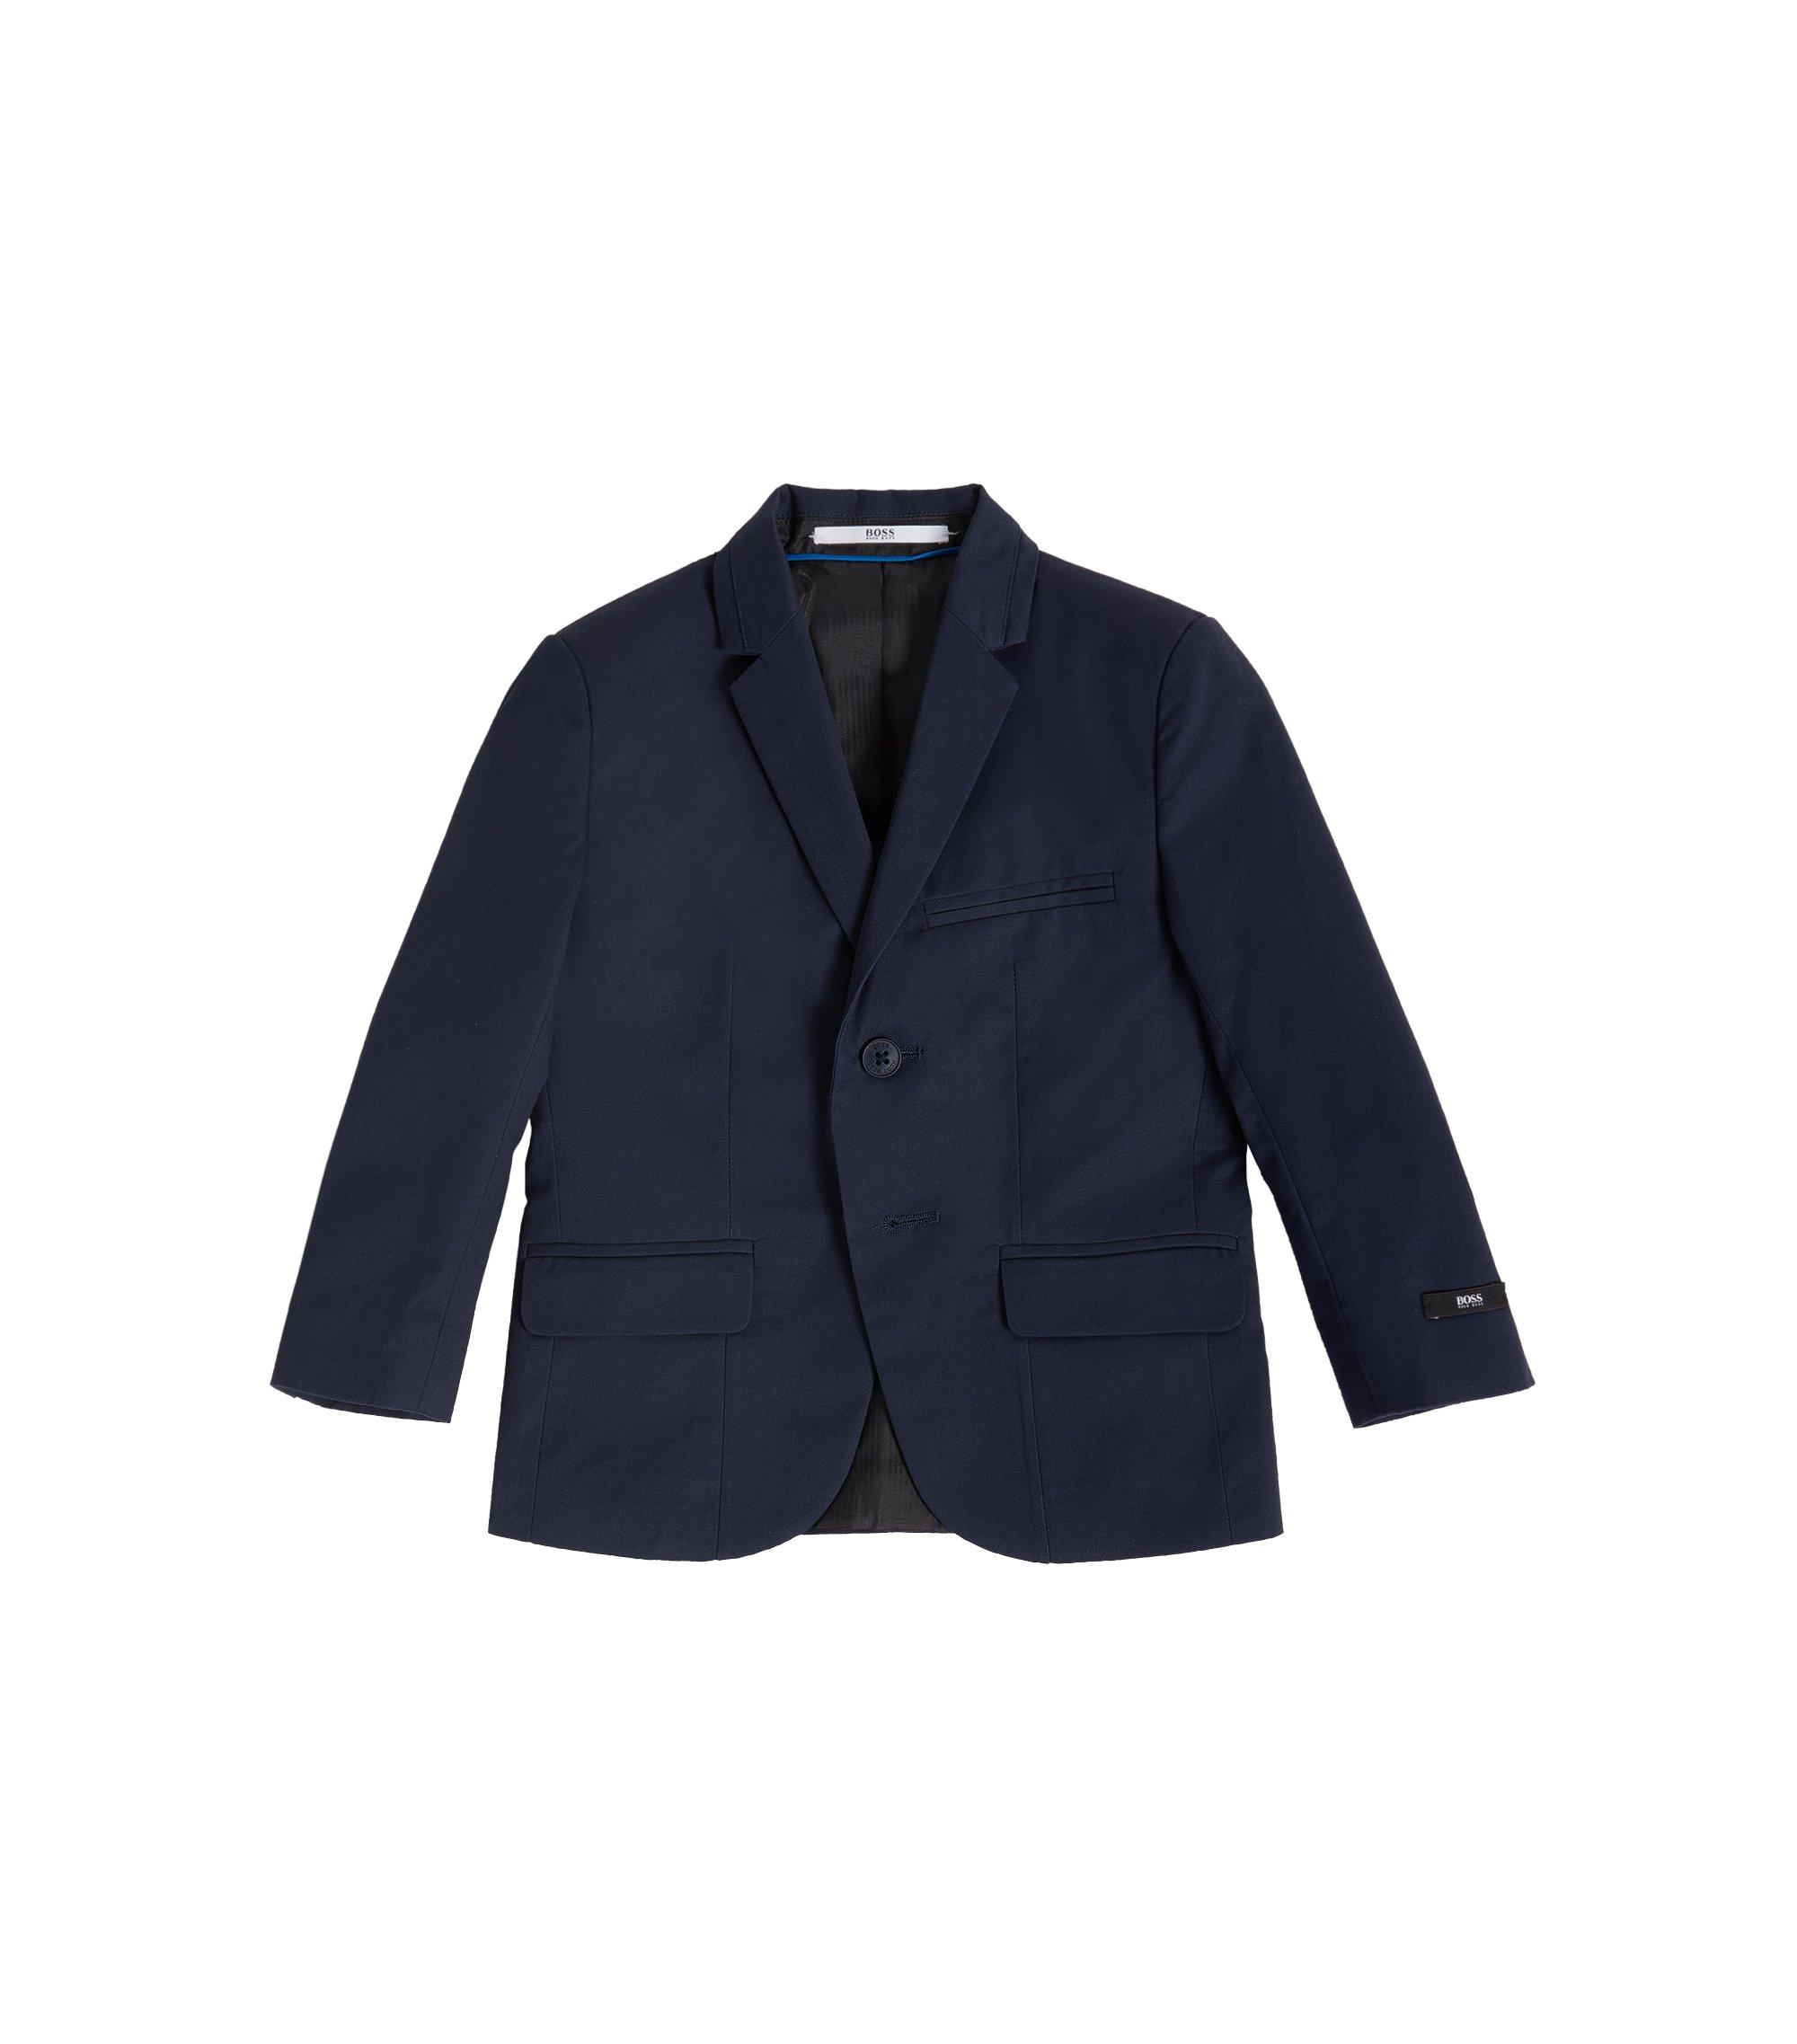 Chaqueta de traje regular fit en sarga de algodón para niños, Azul oscuro